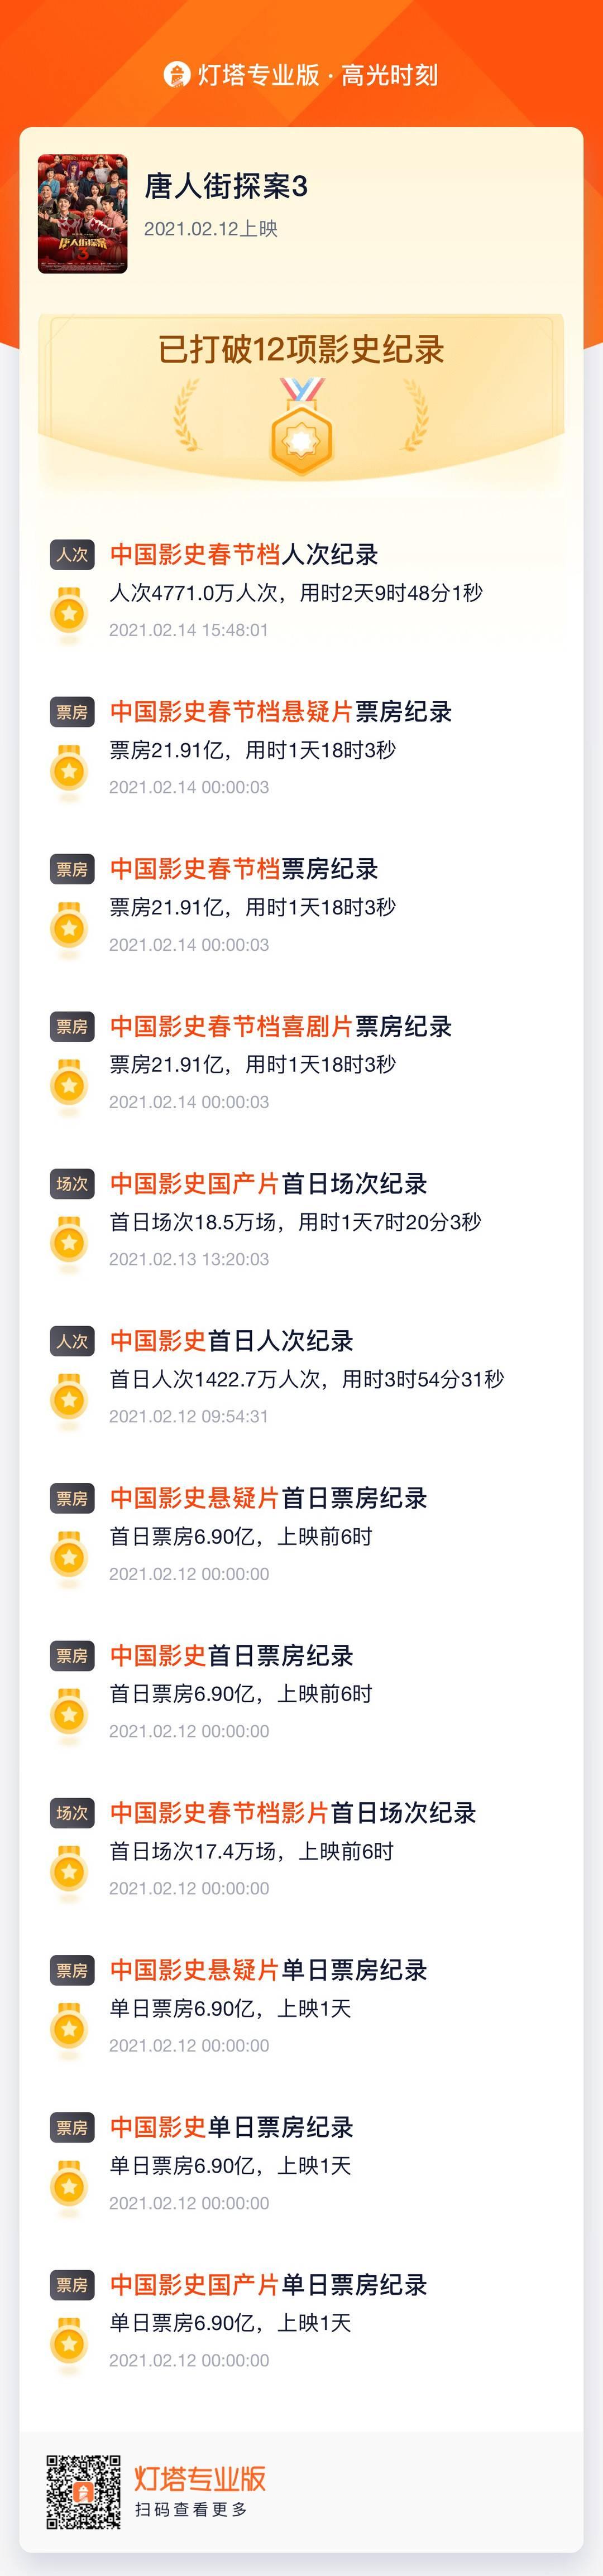 星辉登录:2021春节档票房突破60亿创纪录,《唐探3》占半壁江山(图3)